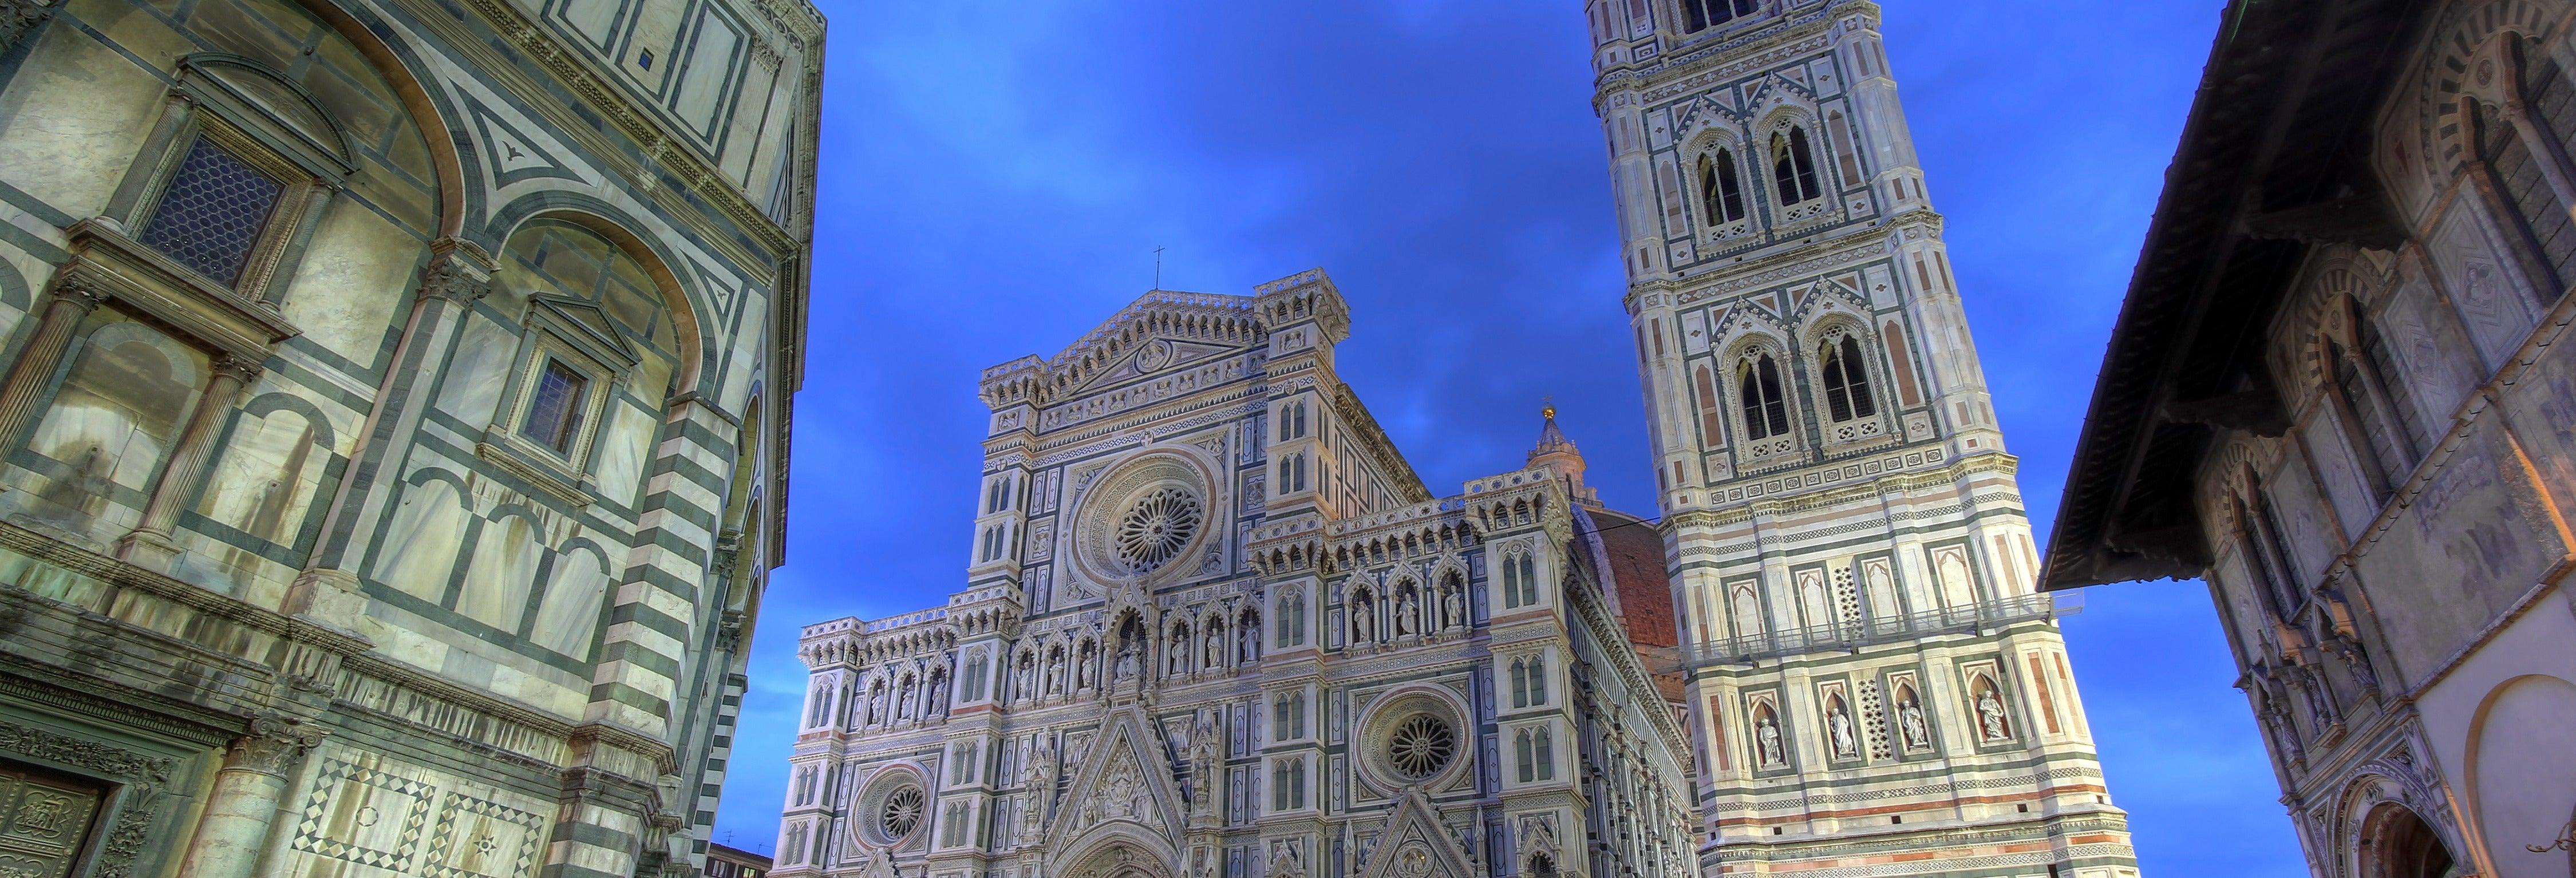 Tour de mistérios e lendas por Florença